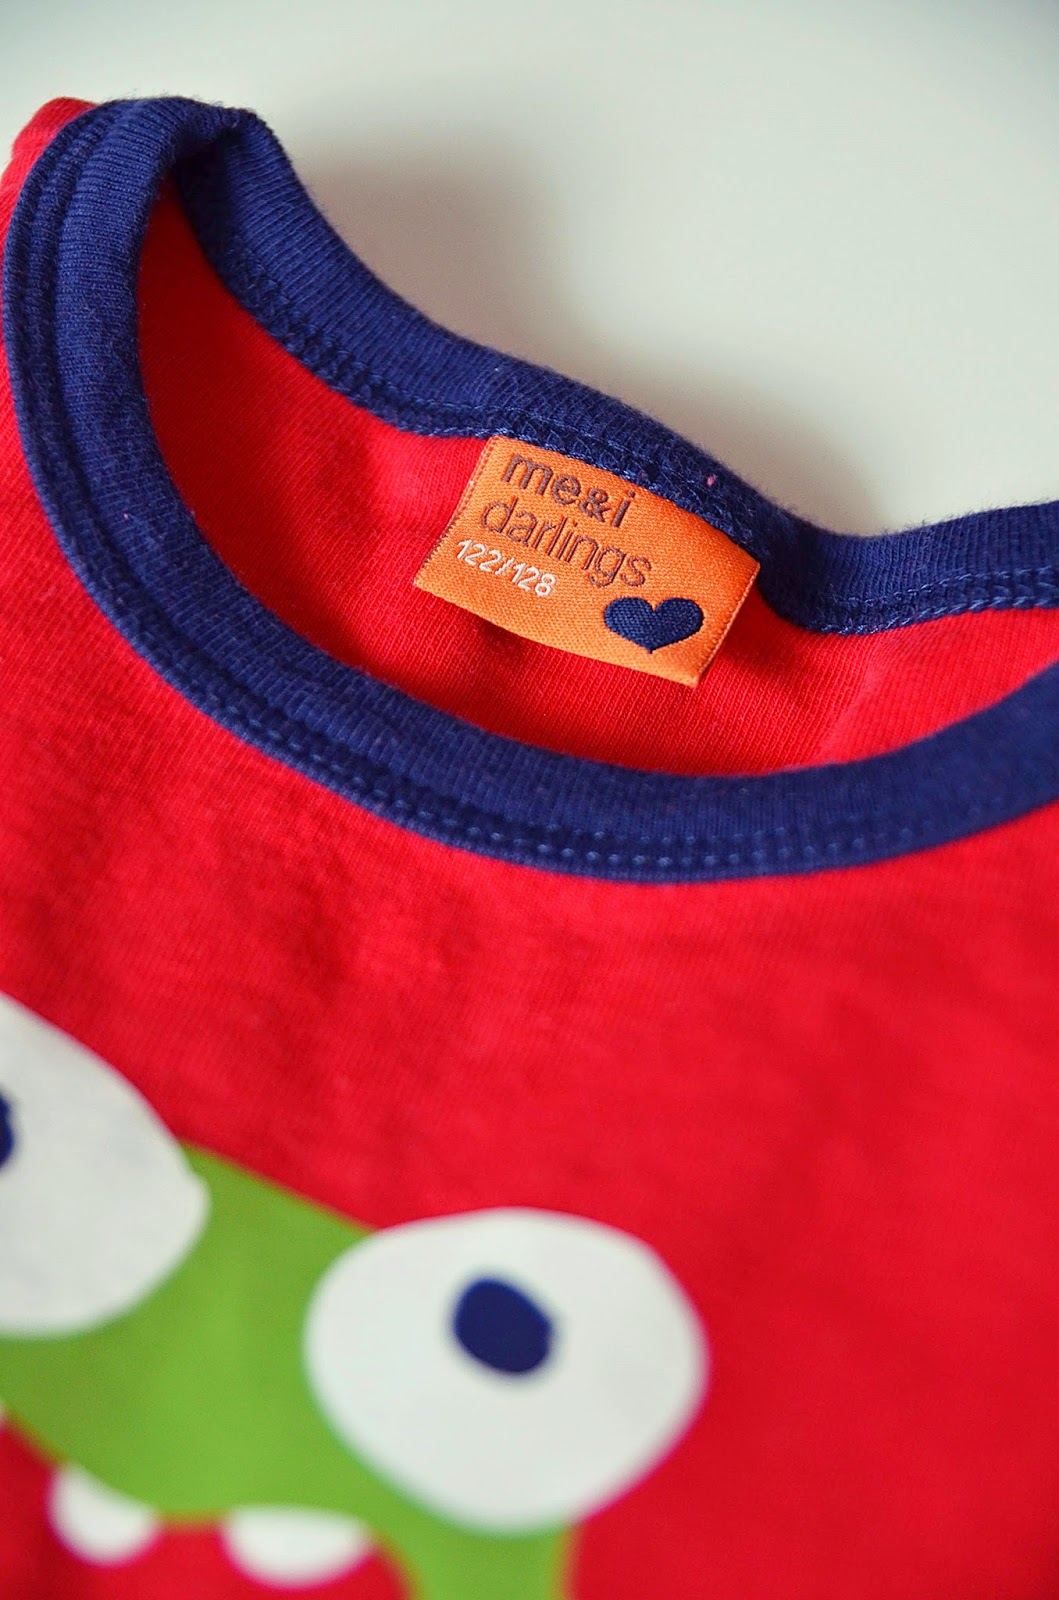 me&i, meandi, tröja, röd, darling, ökotex, barnkläder